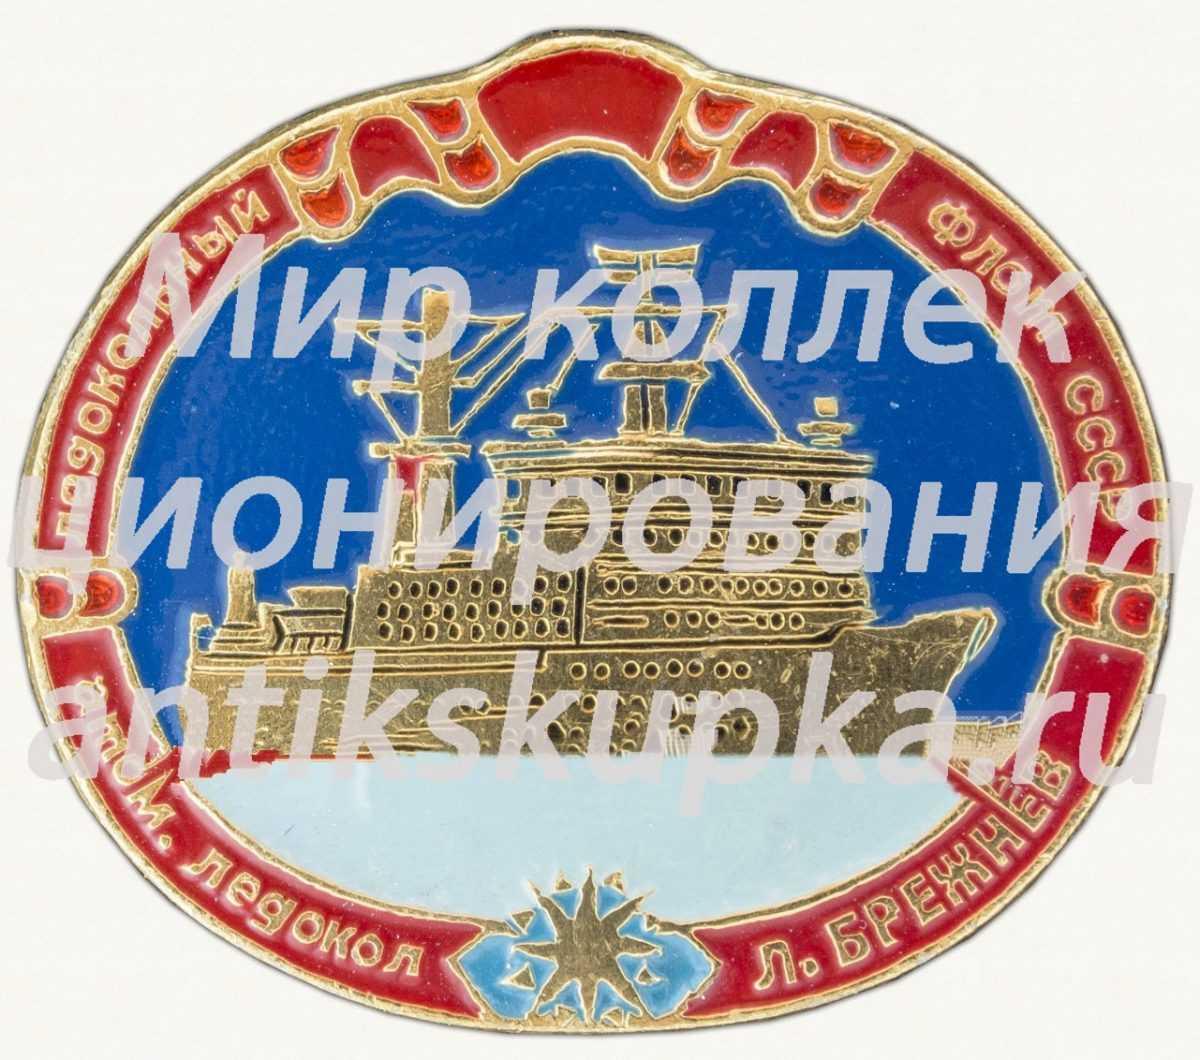 Атомный ледокол Л.Брежнев. Серия знаков «Ледокольный флот СССР»